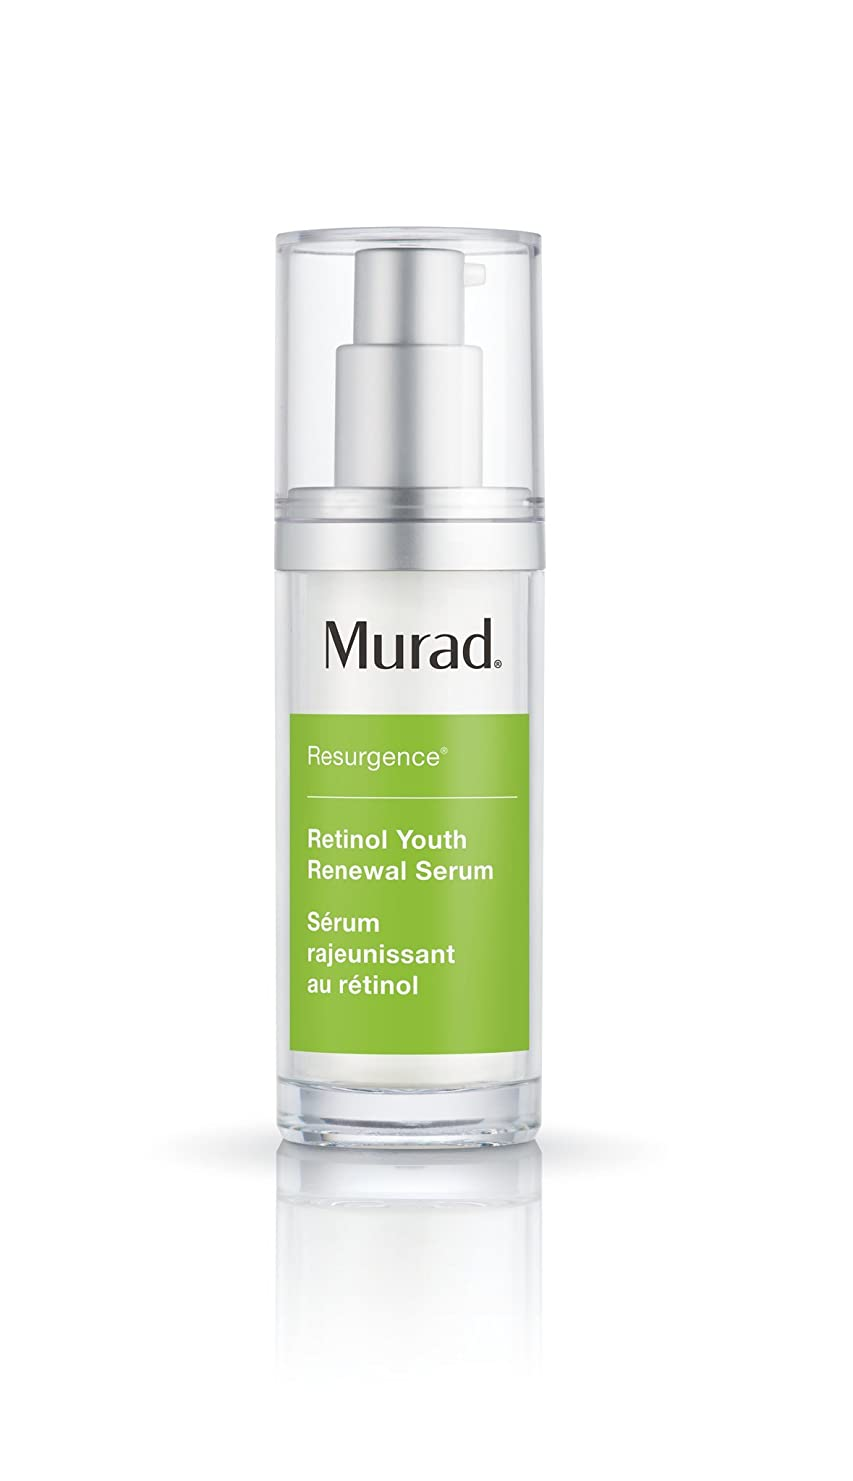 スキーまもなくオープナーミュラド Resurgence Retinol Youth Renewal Serum 30ml/1oz並行輸入品